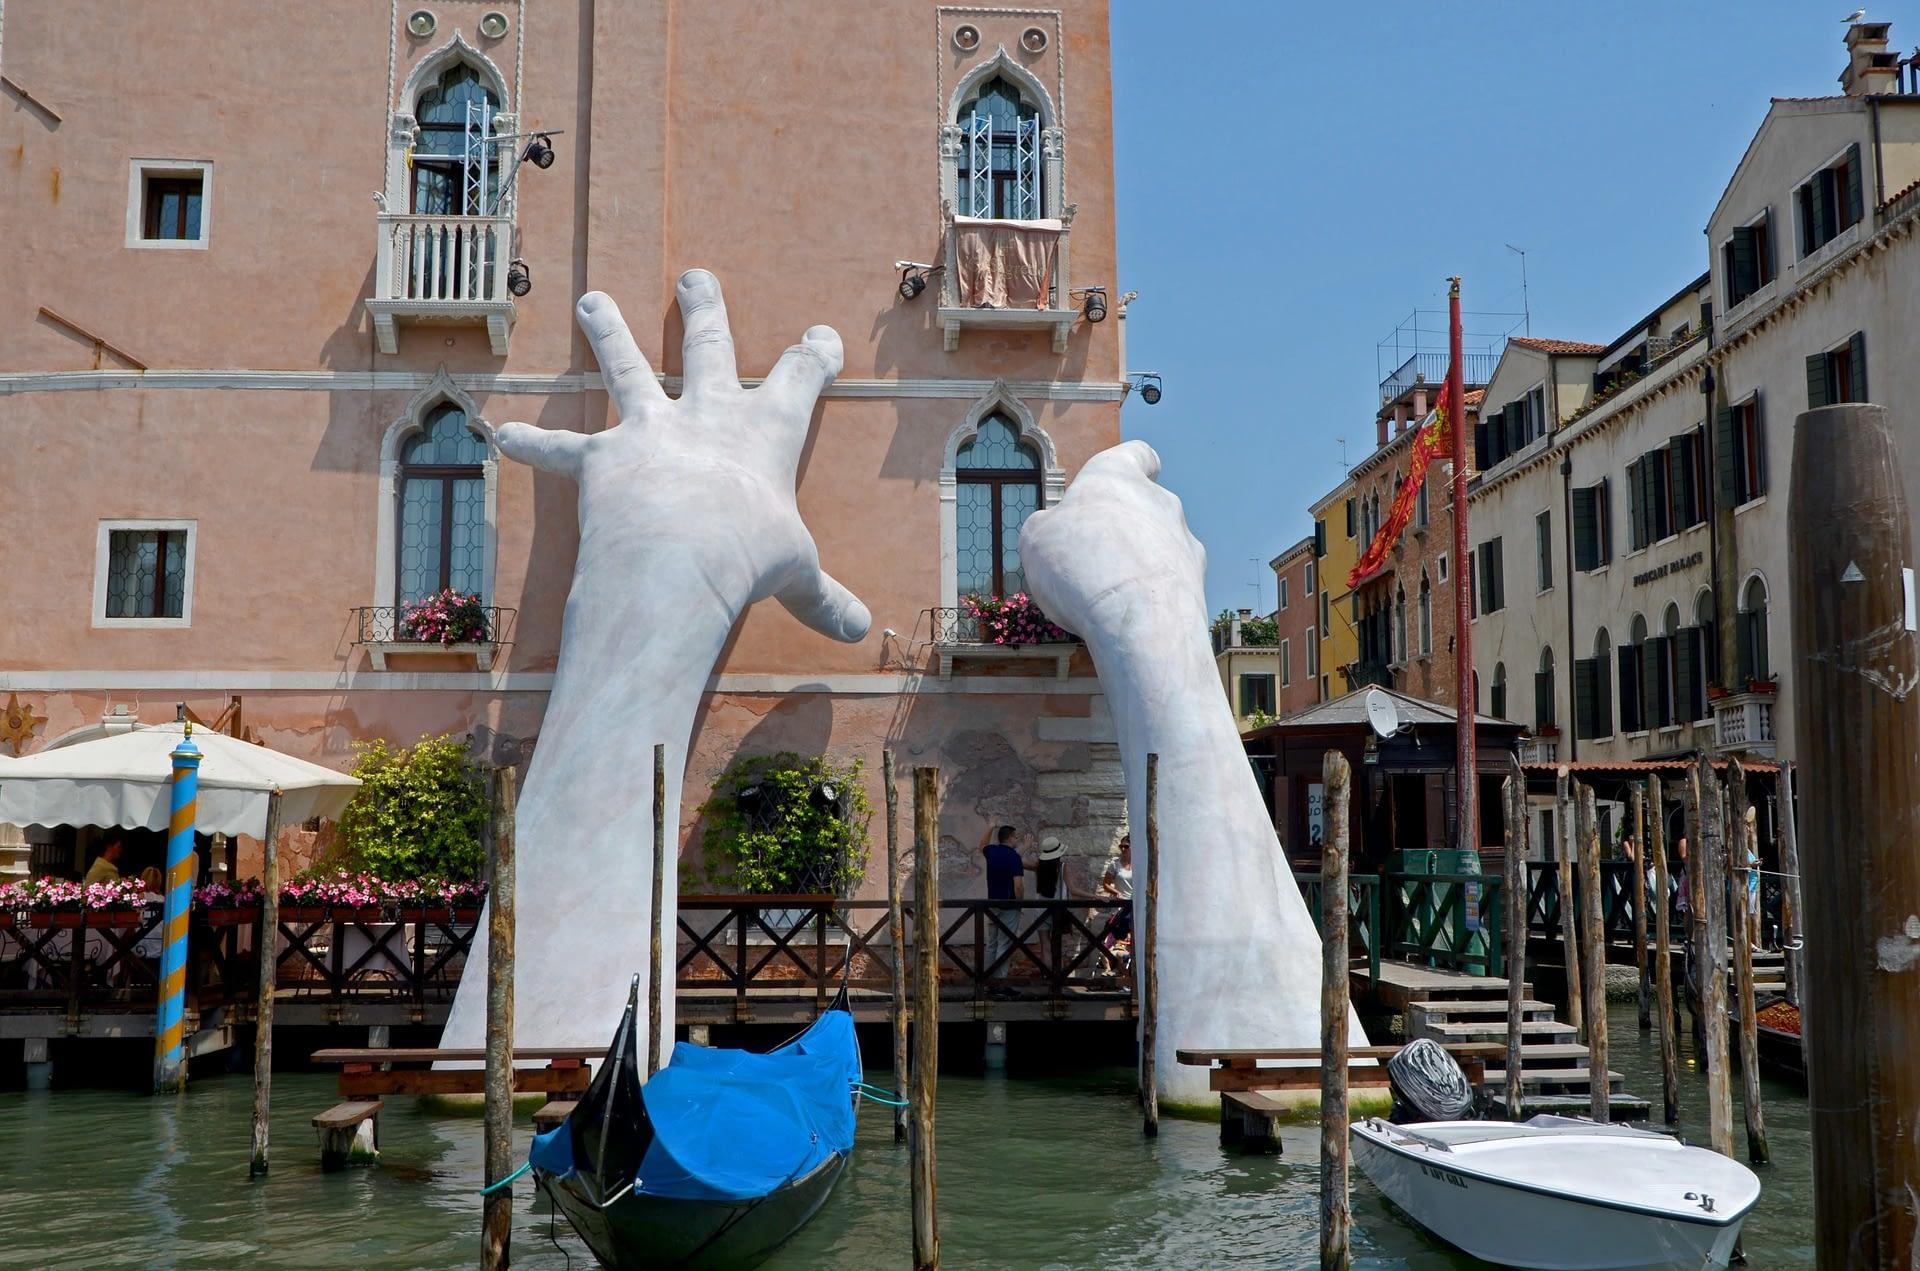 Venice Strange Sculpture